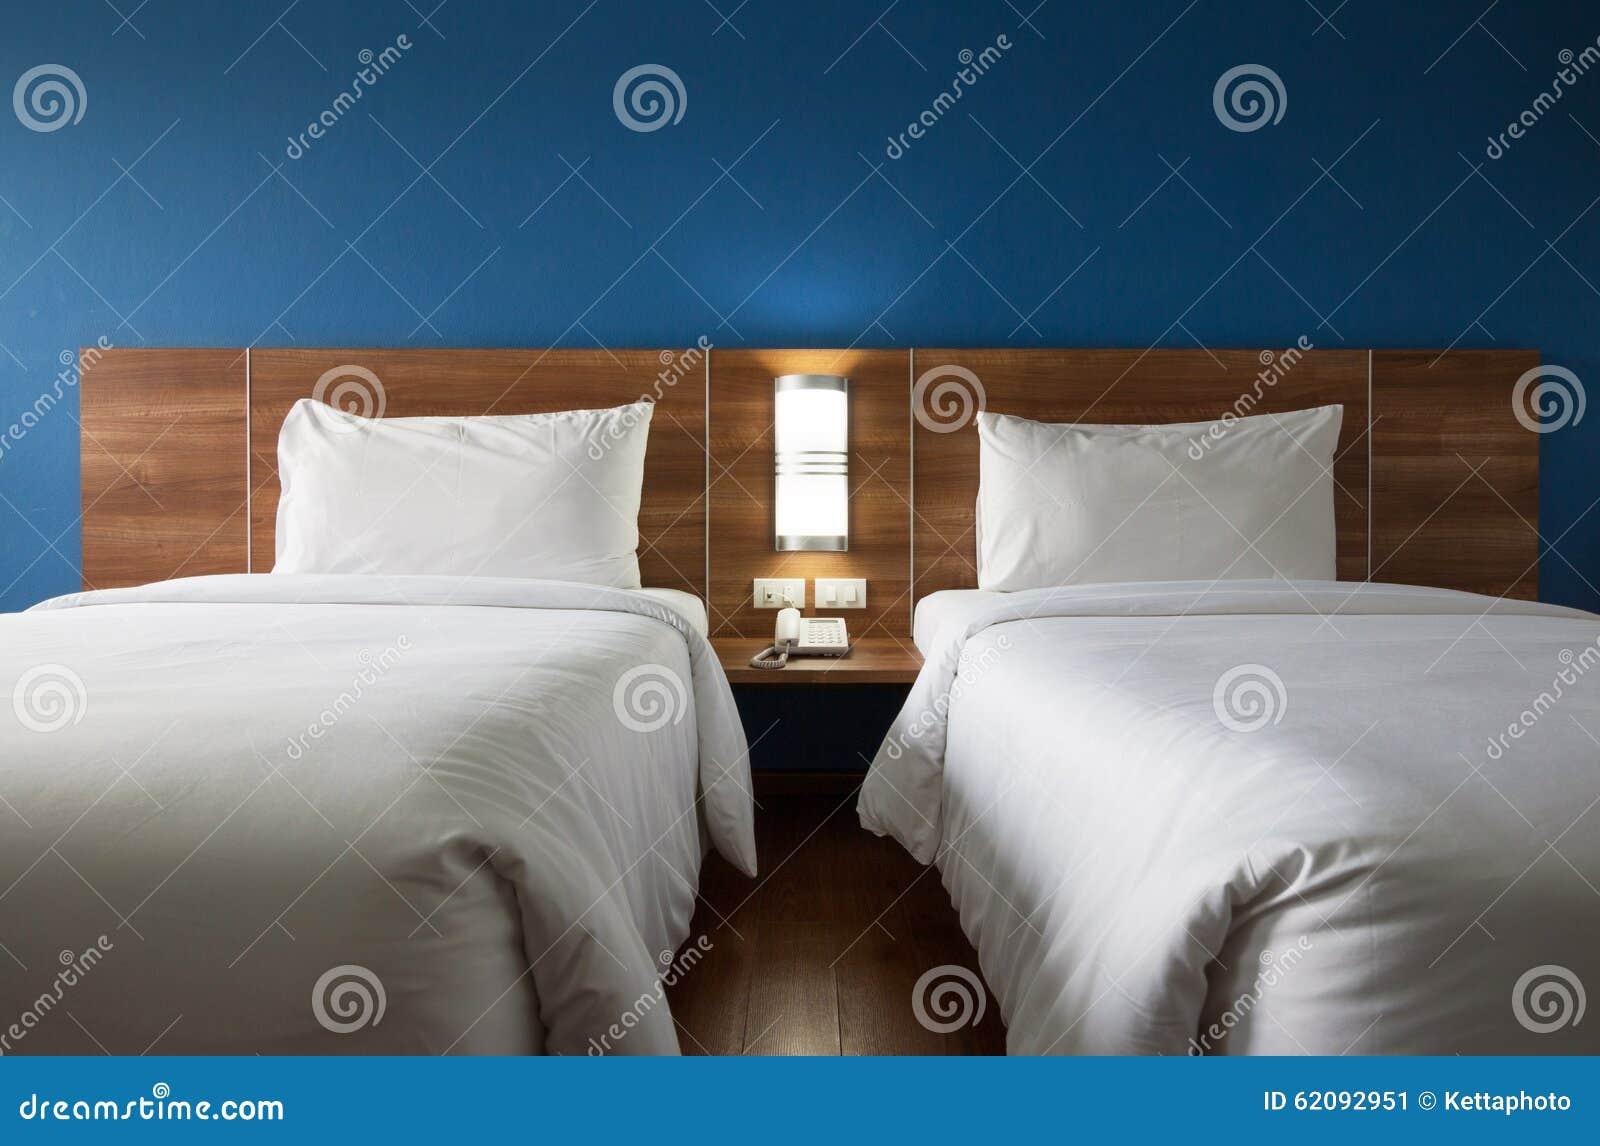 Δίδυμο κρεβάτι